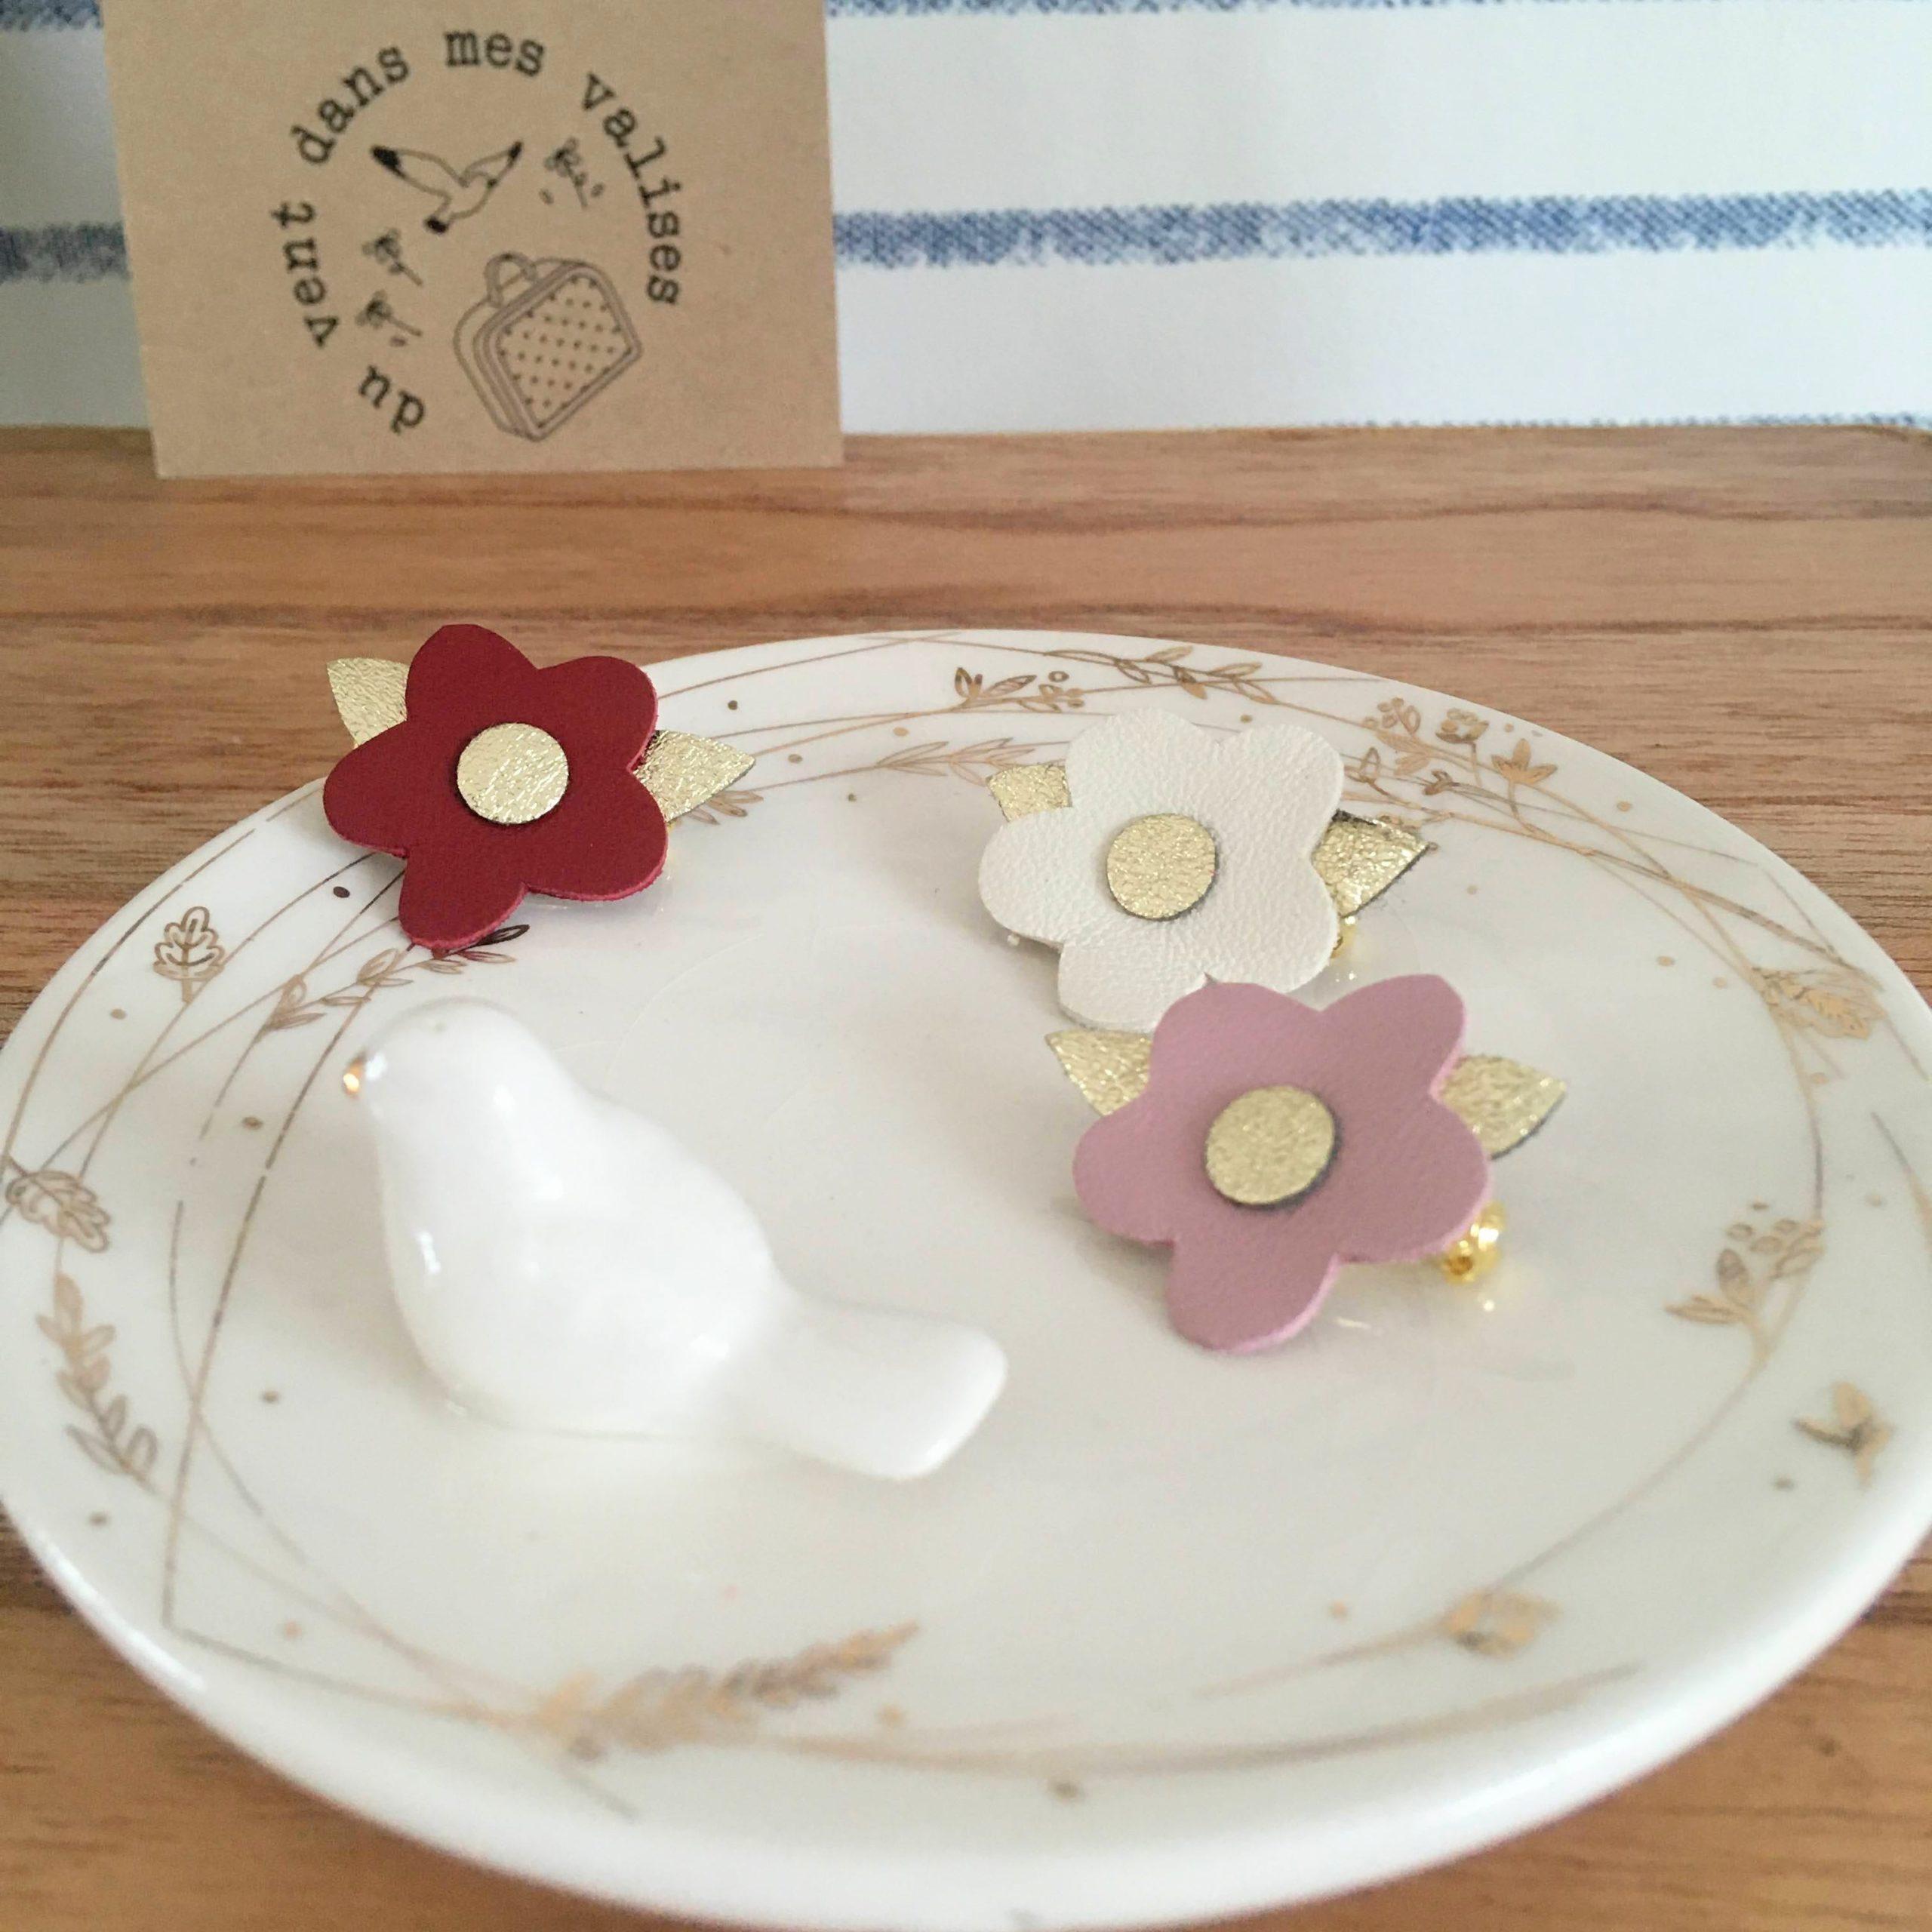 broches en cuir poétique made in France fleurettes couleurs baies roses - du vent dans mes valises